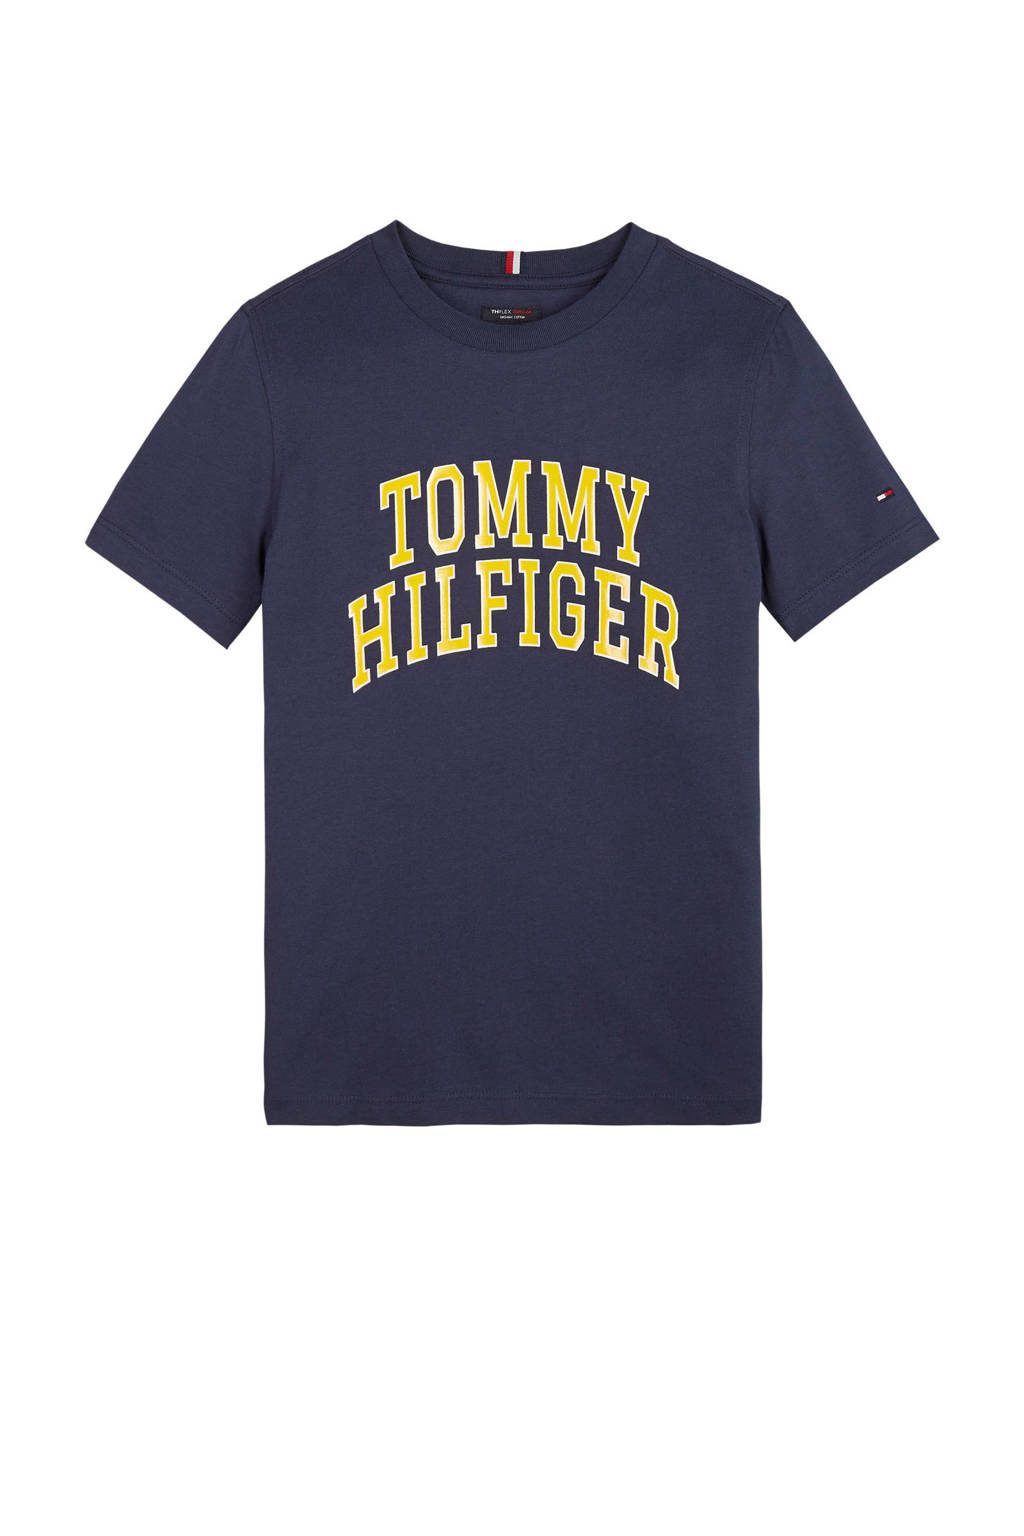 Tommy Hilfiger T-shirt van biologisch katoen donkerblauw/geel, Donkerblauw/geel